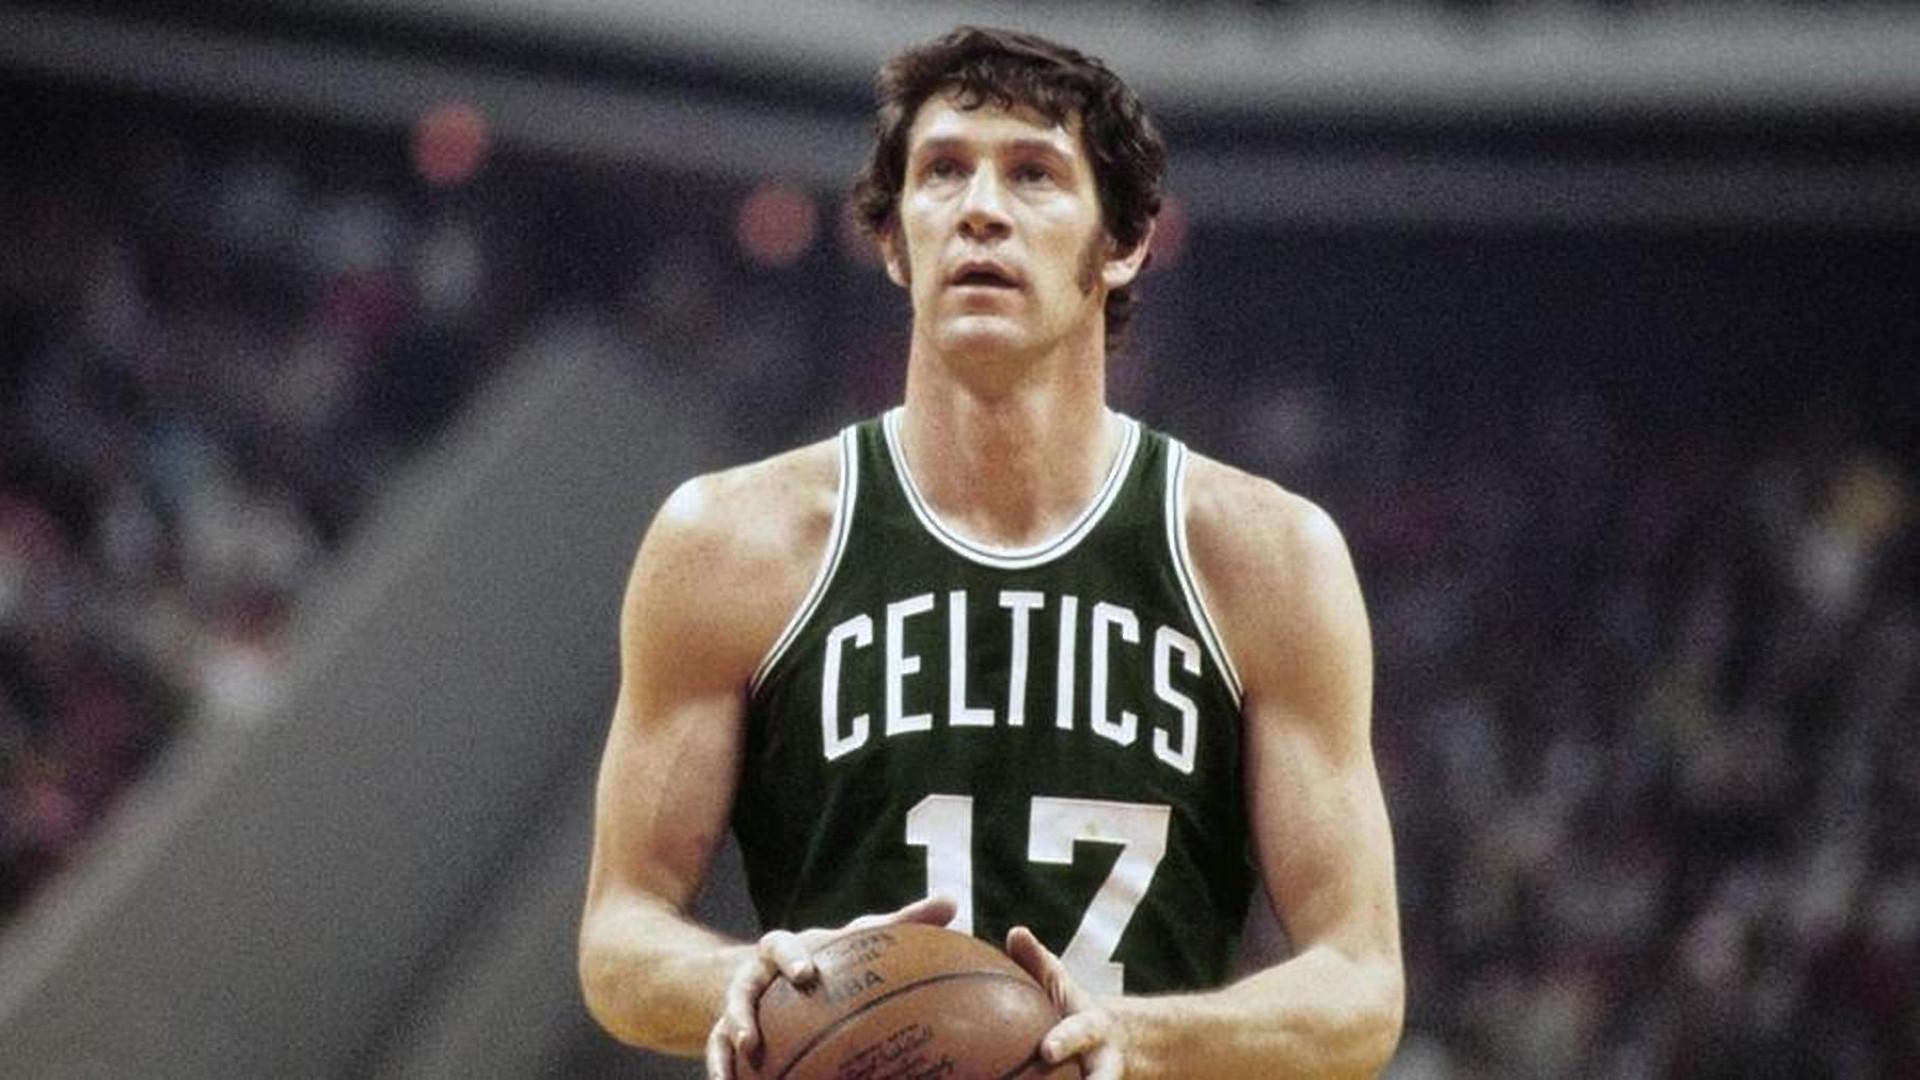 Lenda do Boston Celtics, John Havlicek morre aos 79 anos nos EUA